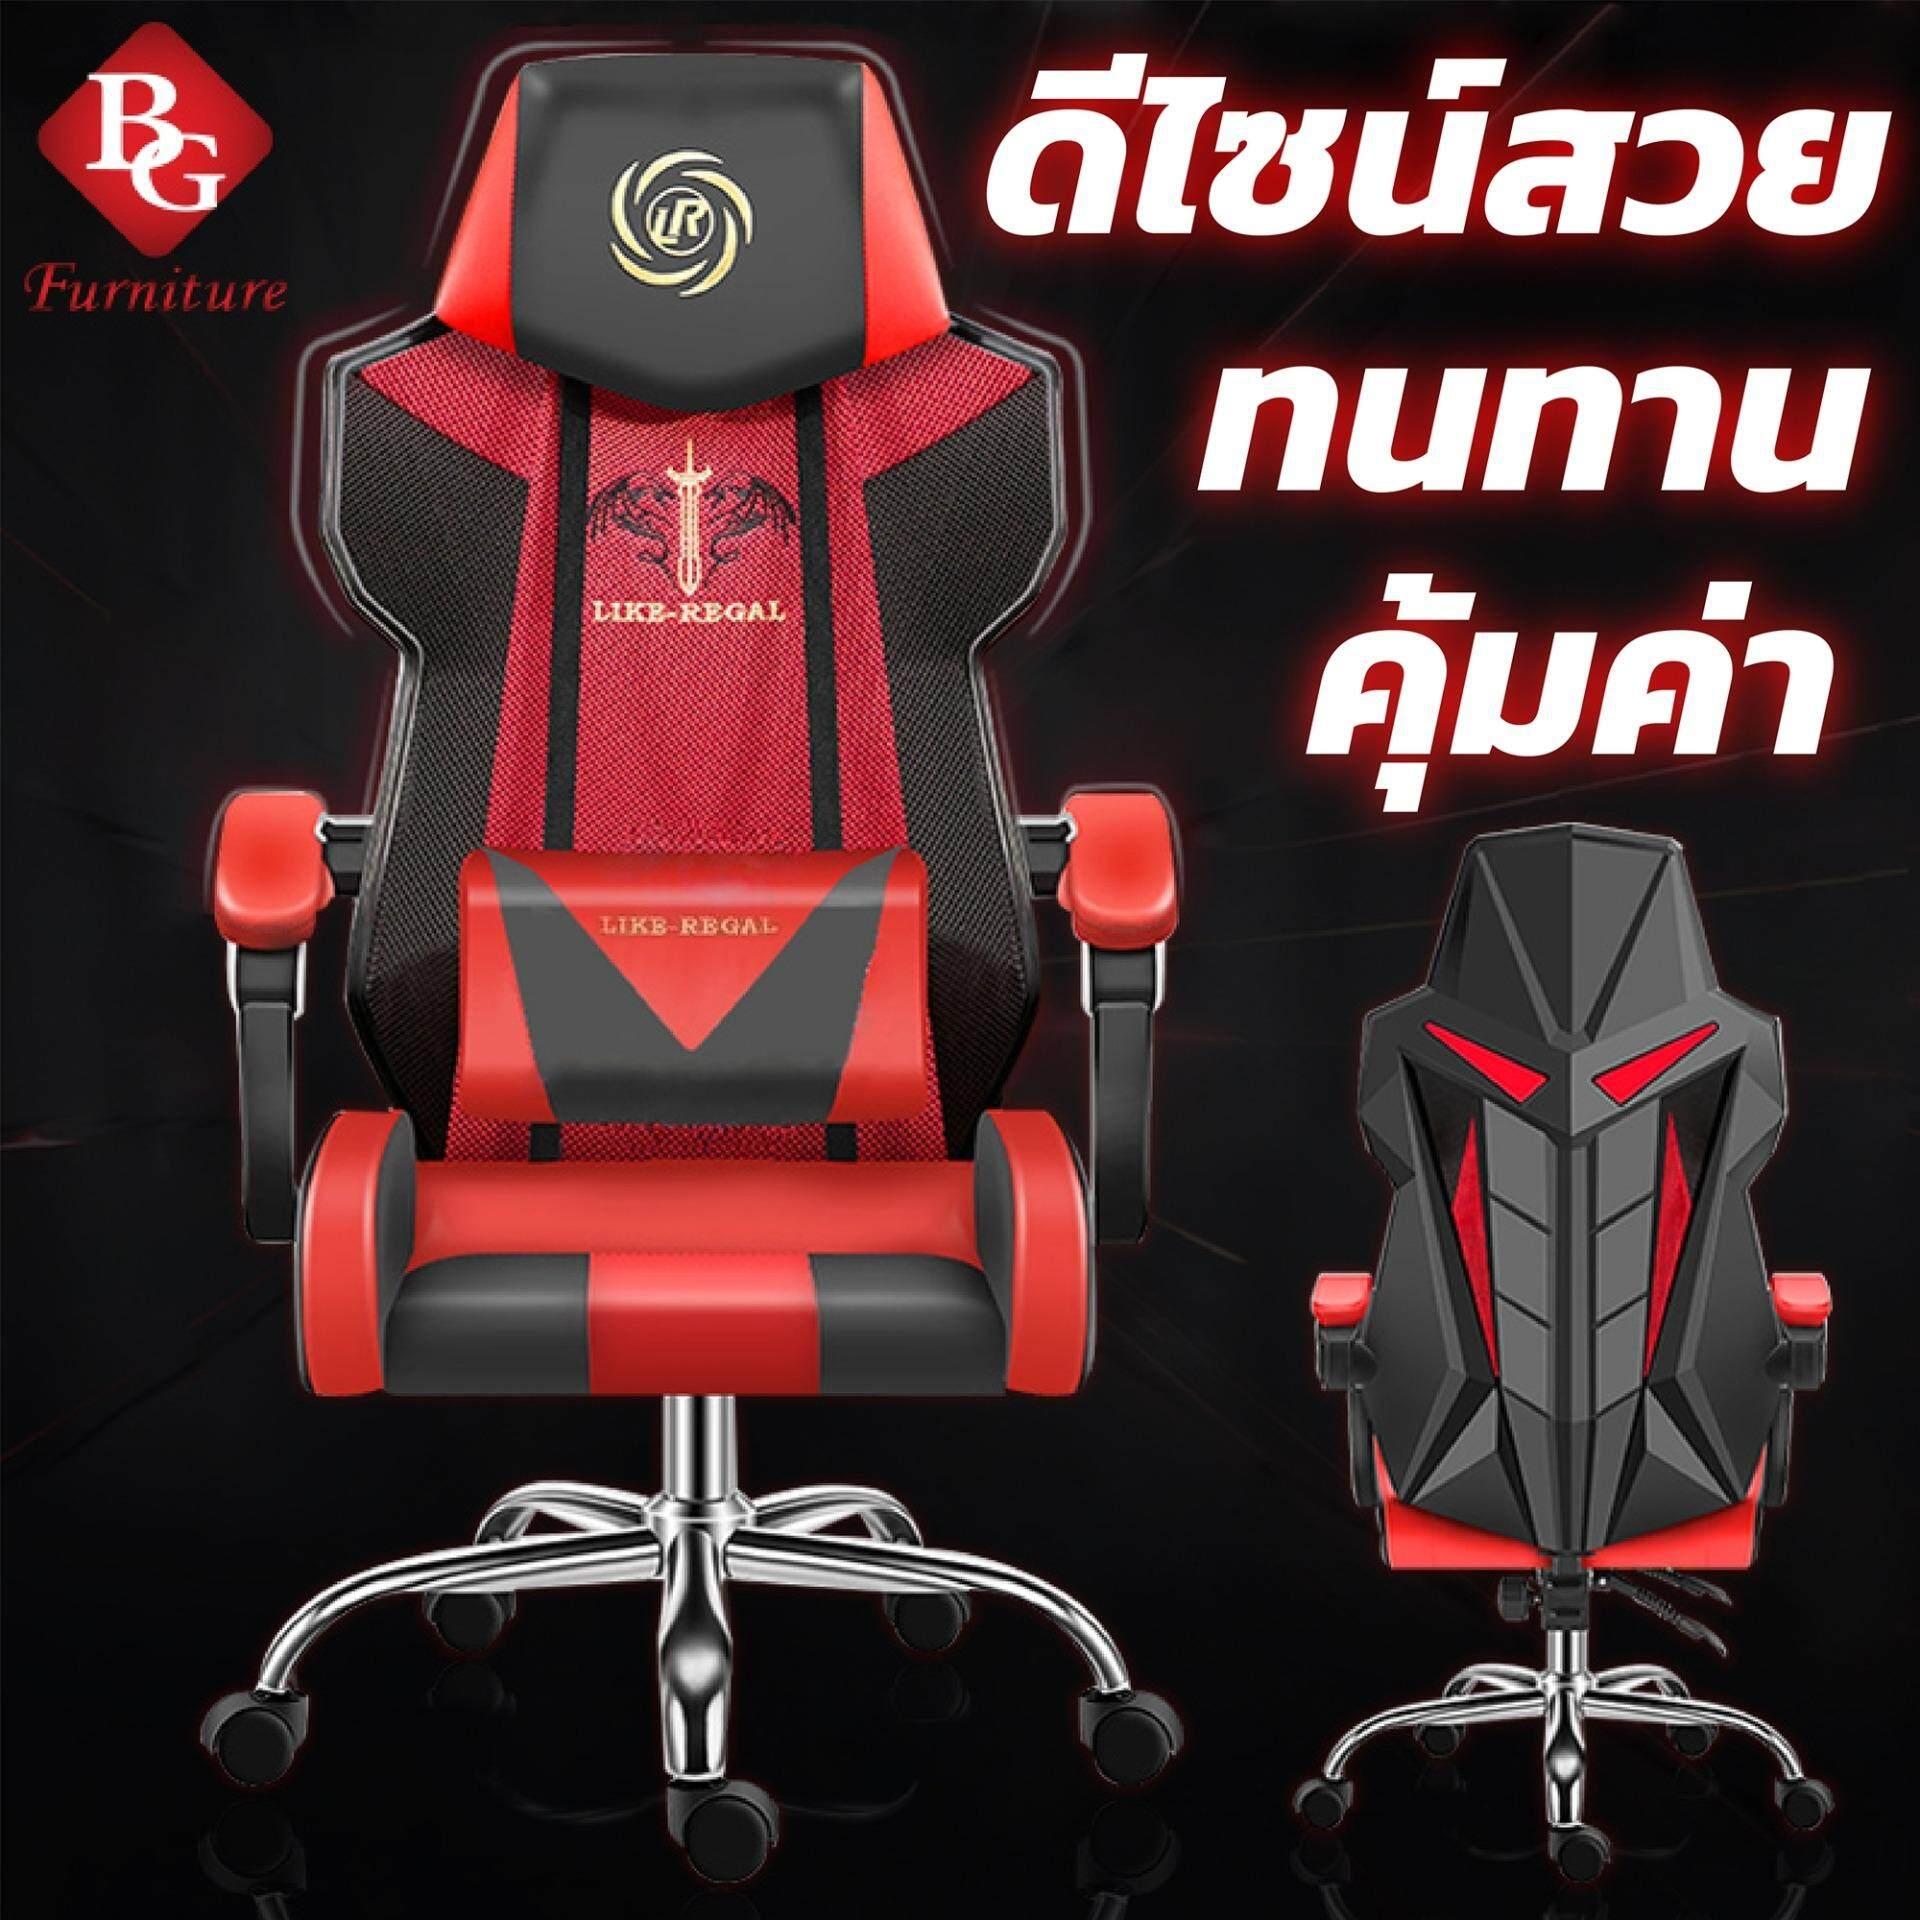 ยี่ห้อไหนดี  BG Furniture  เก้าอี้เล่นเกมส์ เก้าอี้สำนักงาน ปรับเอนได้ Gaming Chair - รุ่น E-05 (Red)